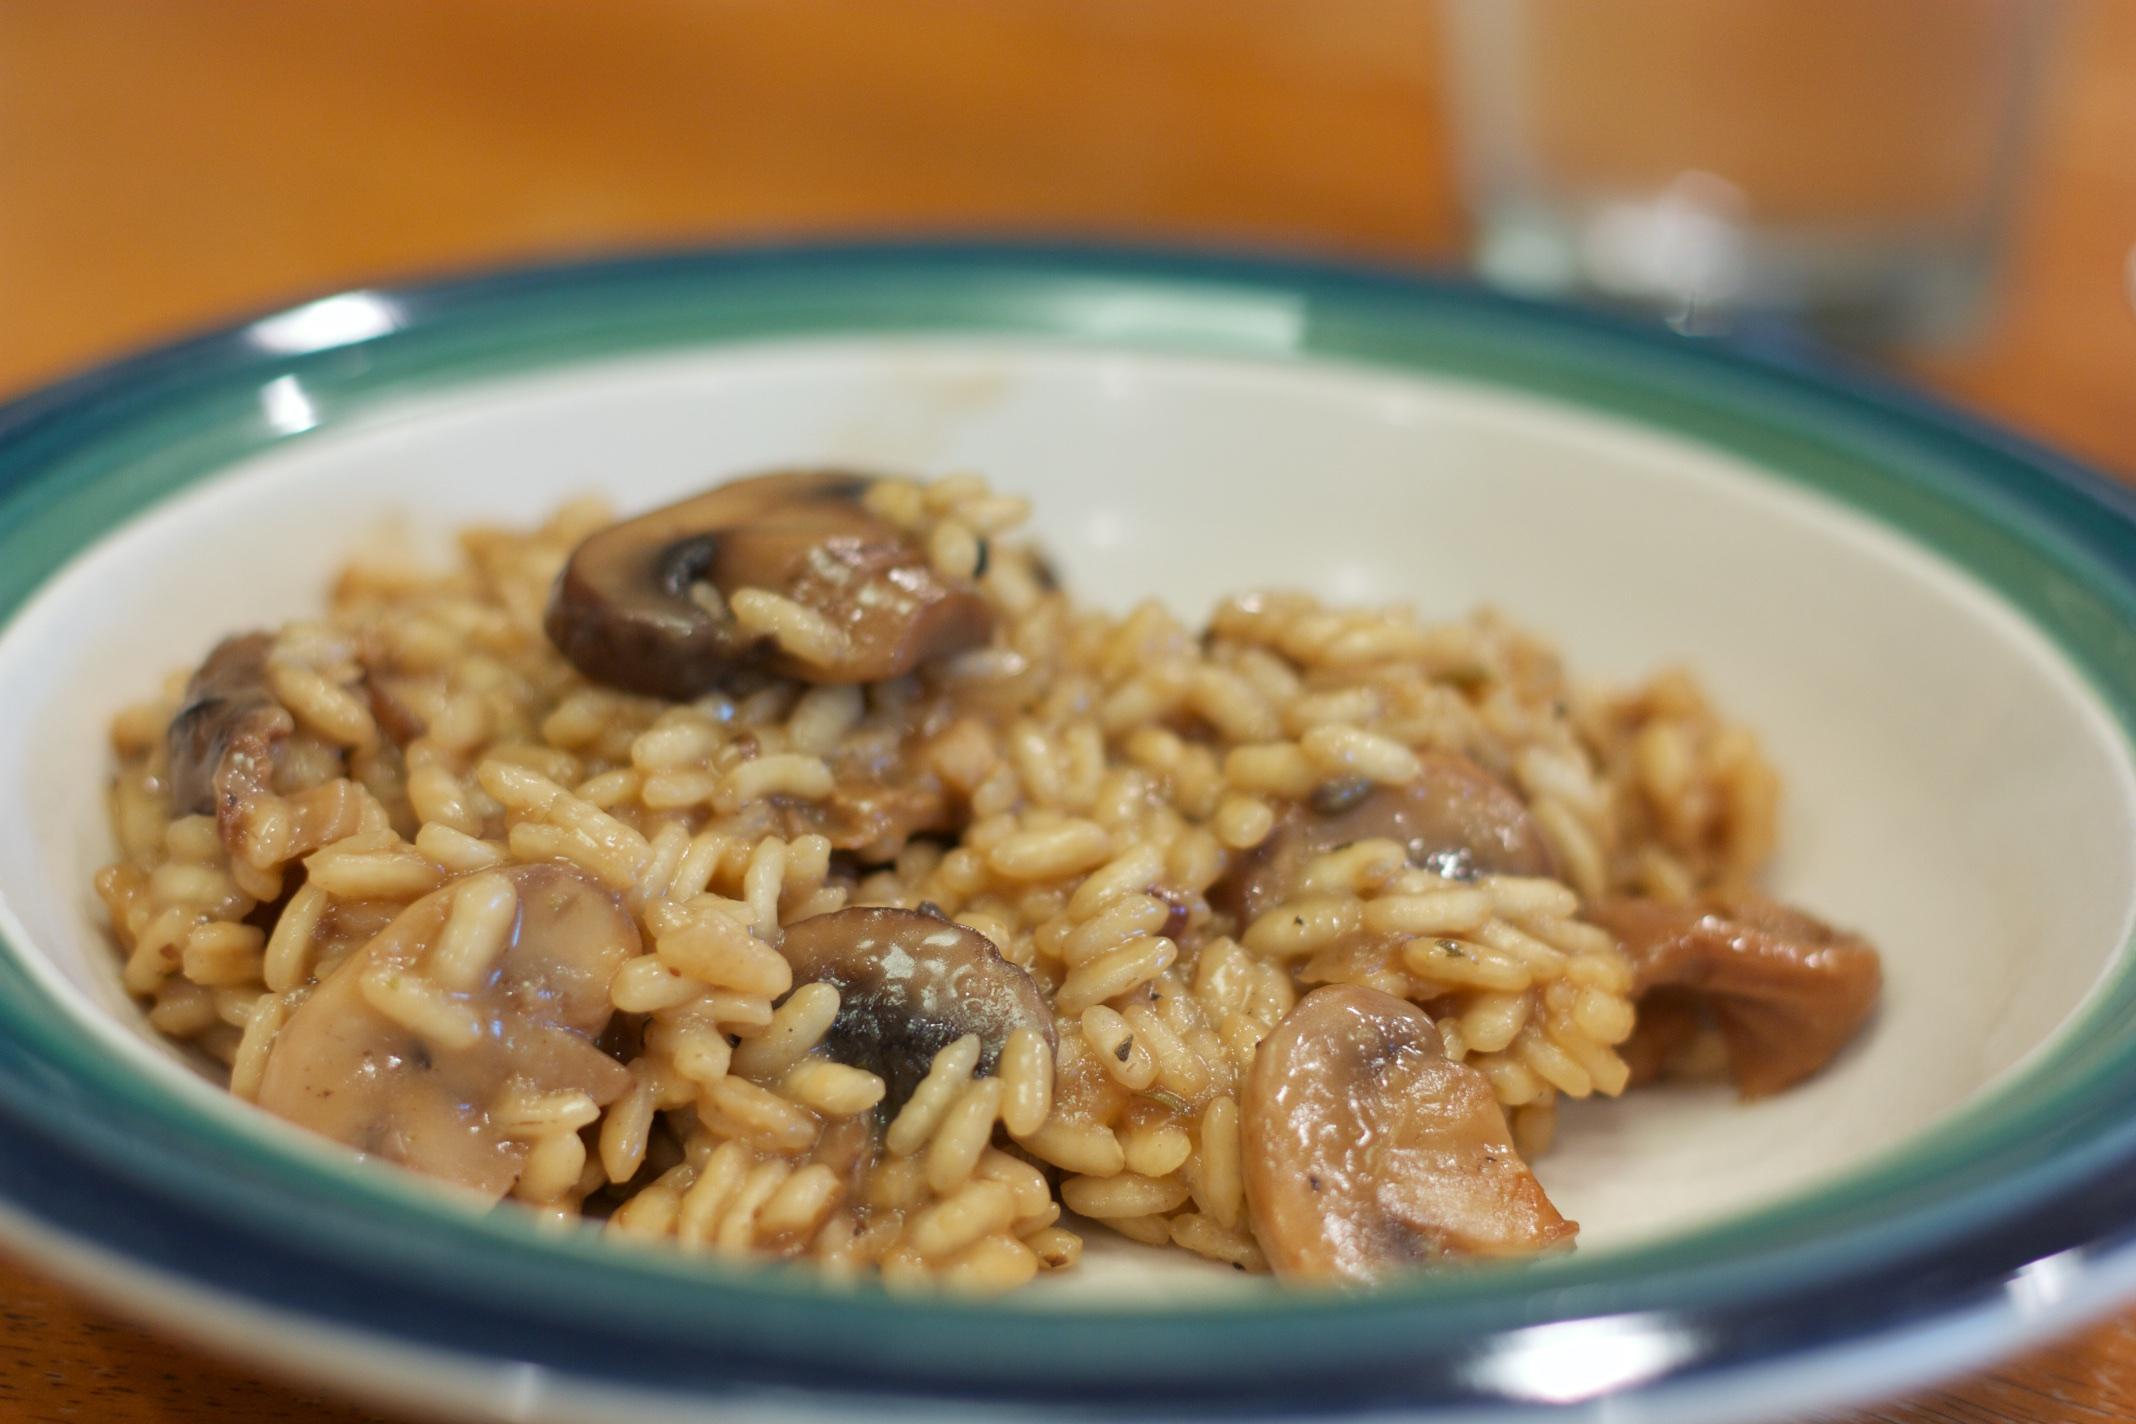 Thursday Dinner: Mushroom Risotto